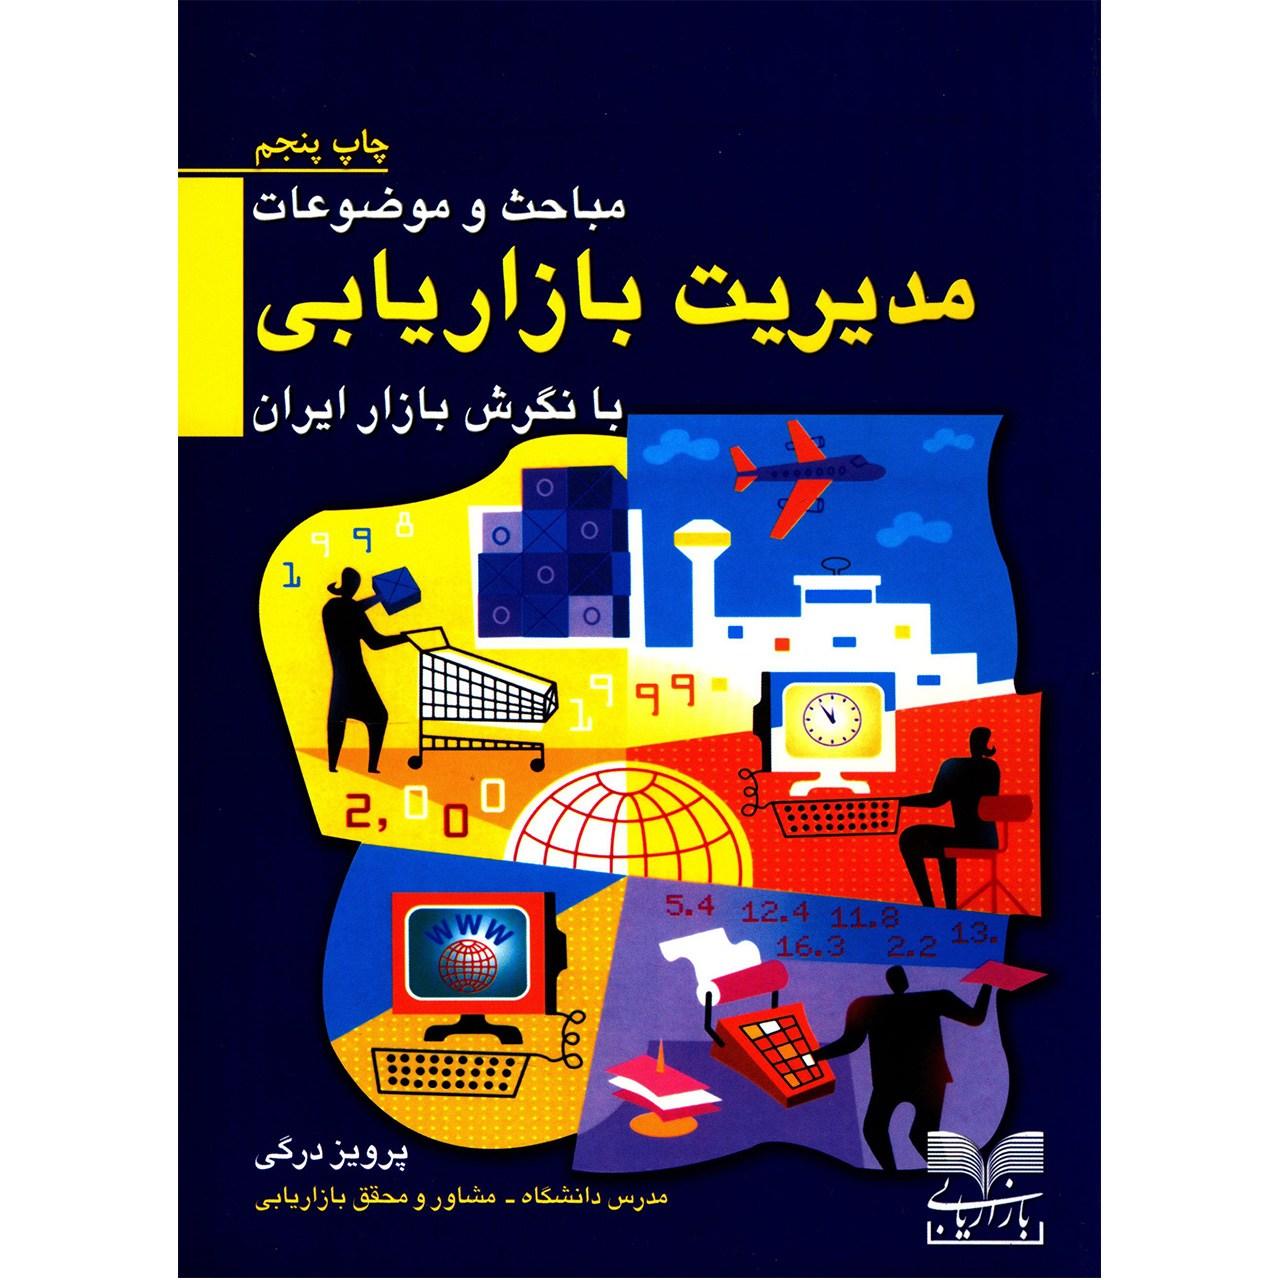 کتاب مباحث و موضوعات مدیریت بازاریابی با نگرش بازار ایران اثر پرویز درگی